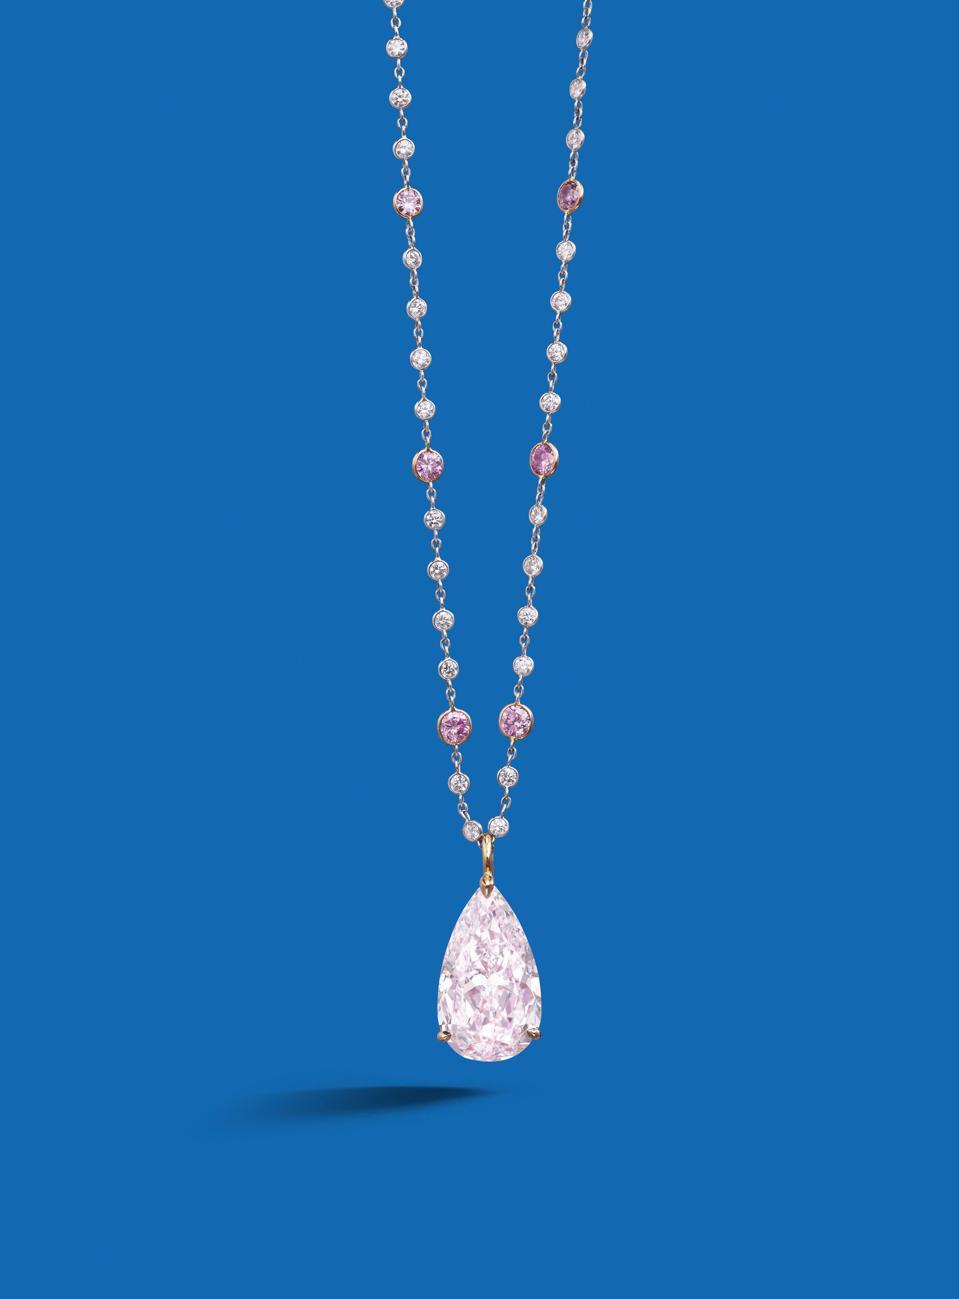 Pembe elmaslar açık artırmaya çıktığında, genellikle astronomik olarak yüksek fiyatlar alıyorlar.